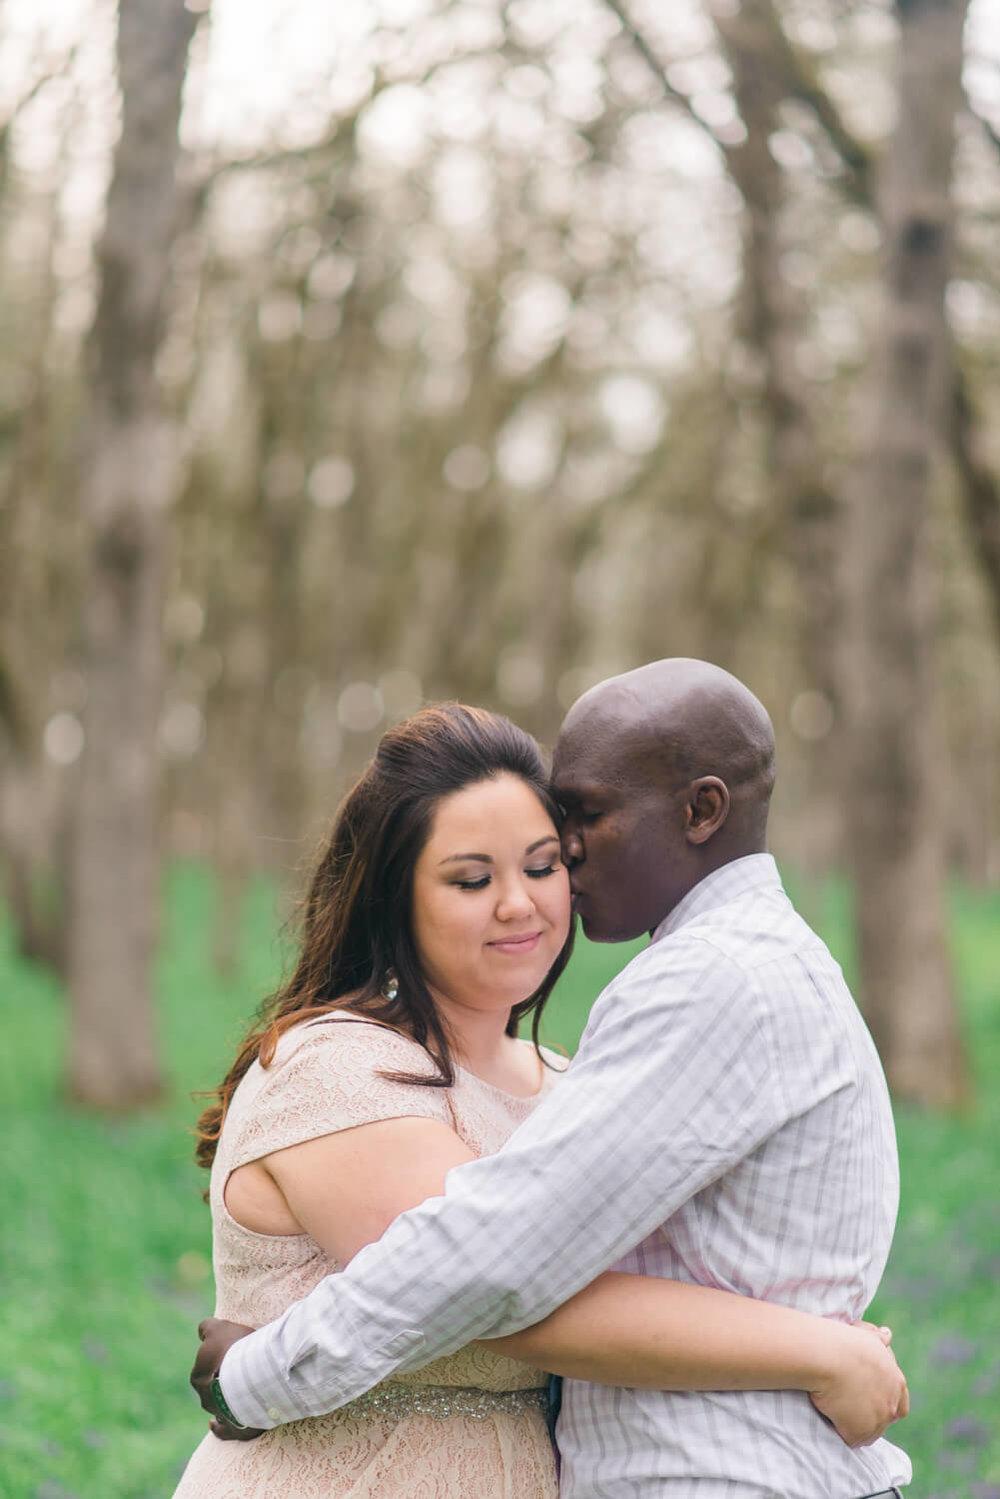 salem-engagement-photography-bushs-pasture-park-shelley-marie-photo-0261.jpg